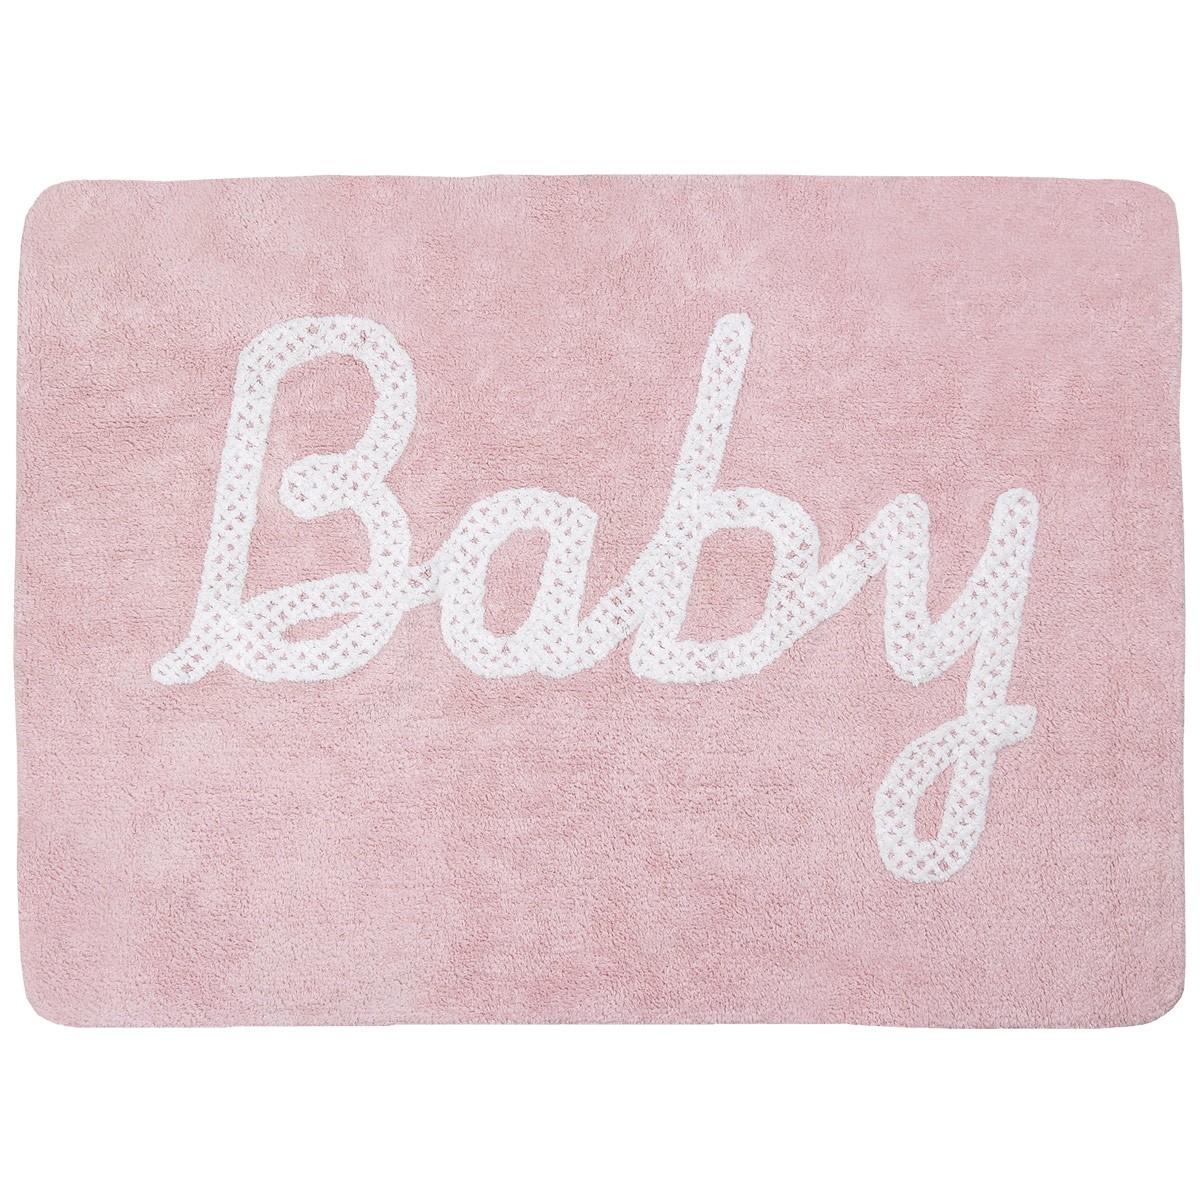 Πλενόμενο Χαλί (120x160) Lorena Canals Baby Petit Point Pink